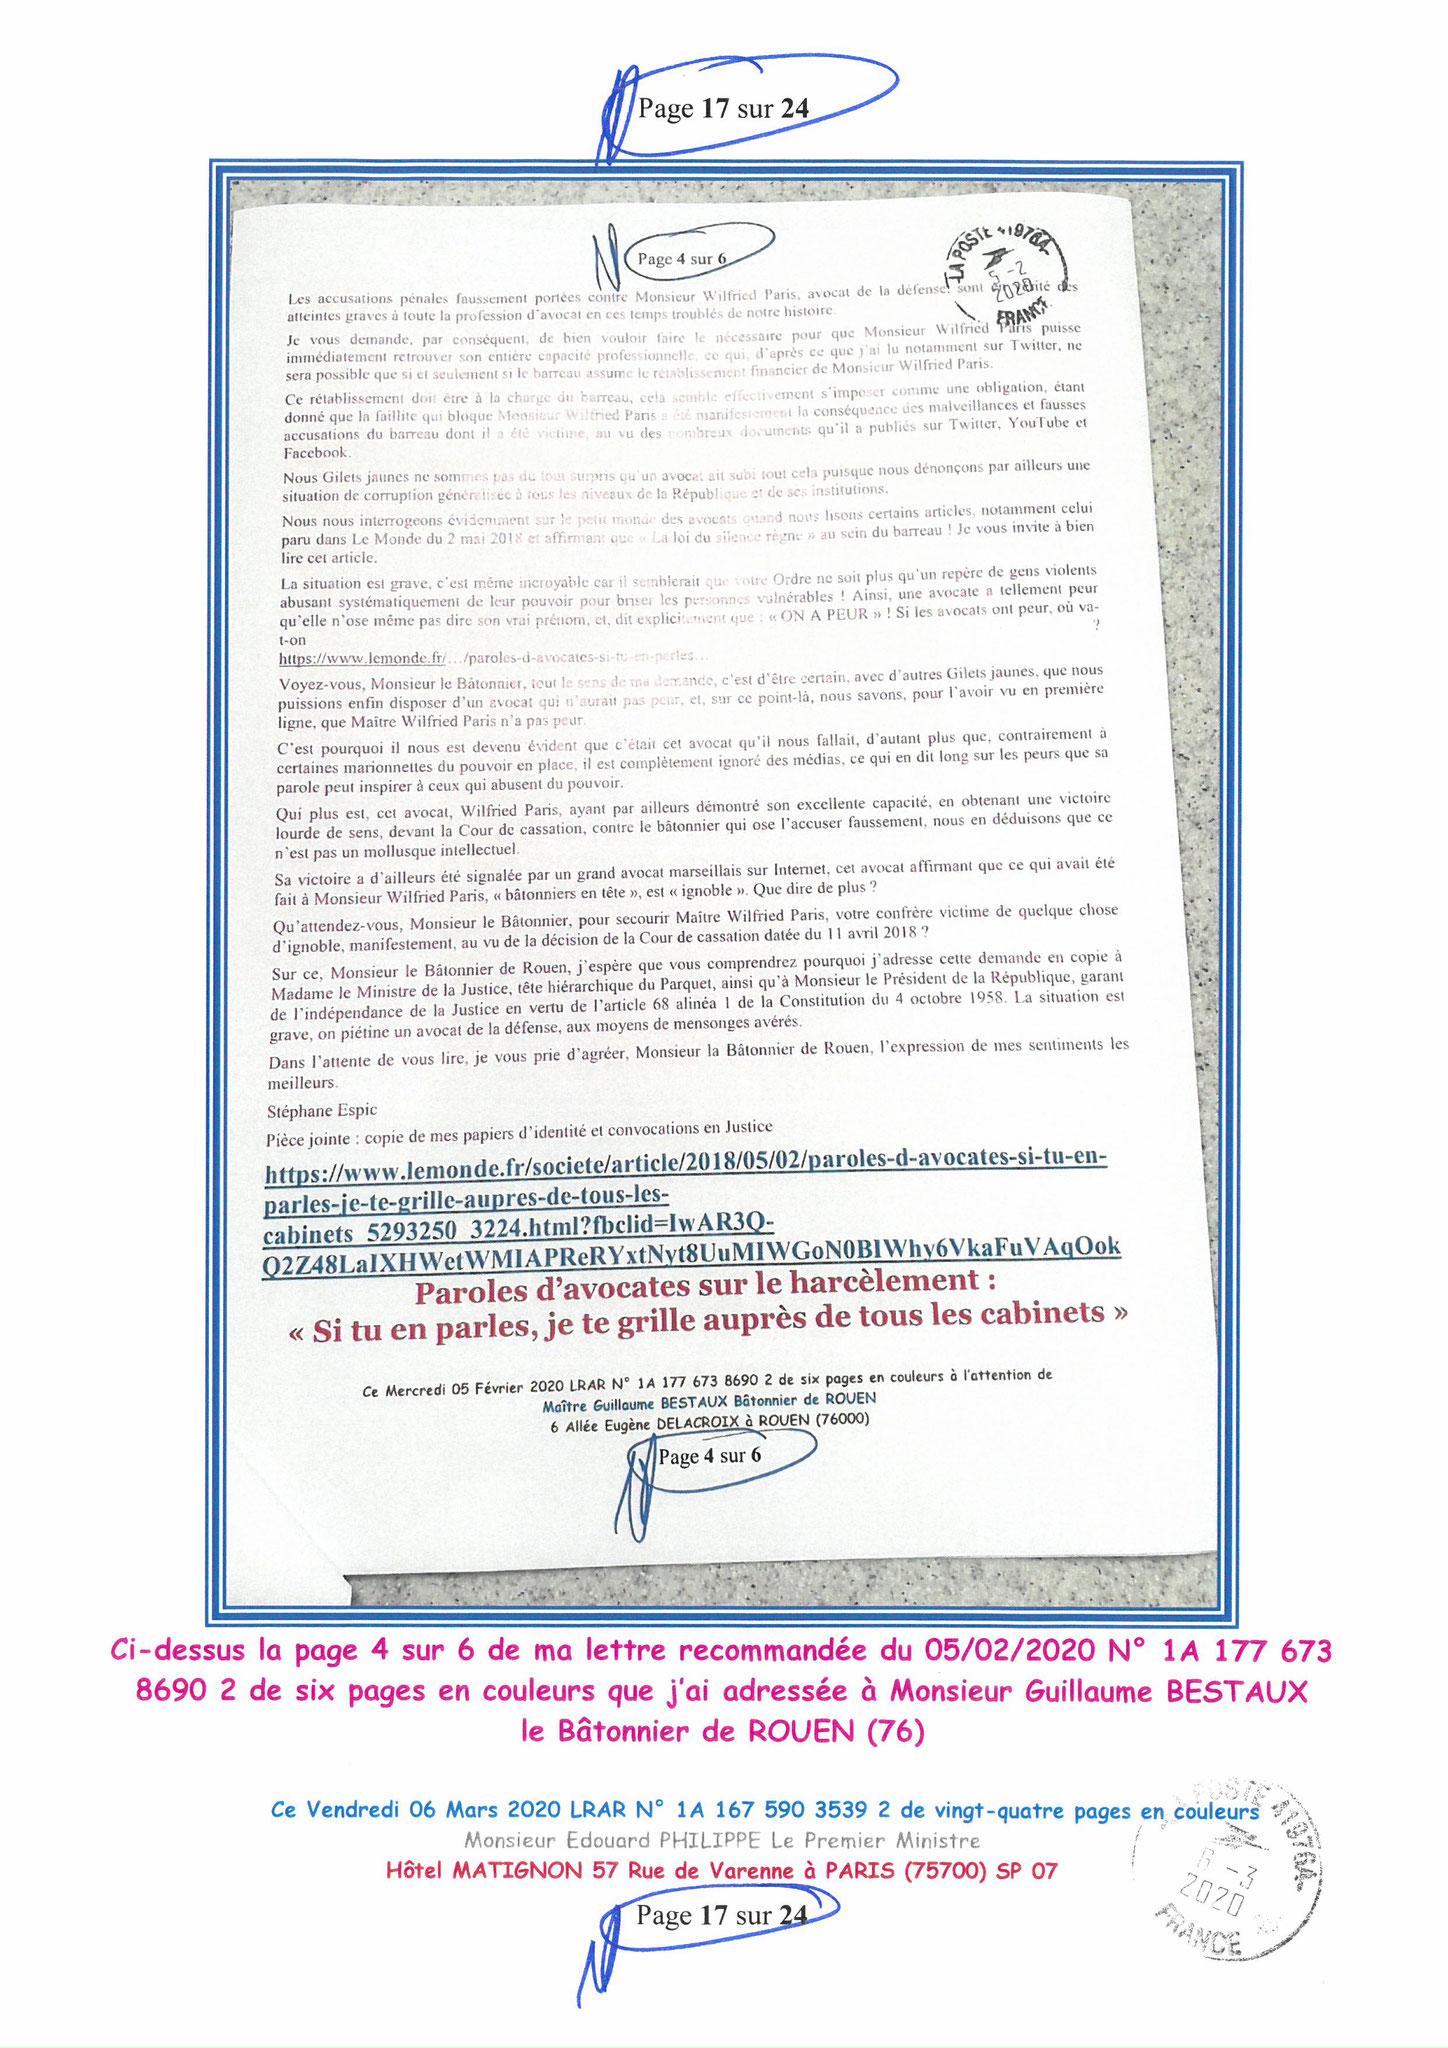 Ma LRAR à Monsieur le  Premier Ministre Edouard PHILIPPE N° 1A 167 590 3539 2 Page 17 sur 24 en Couleur du 06 Mars 2020  www.jesuispatrick.fr